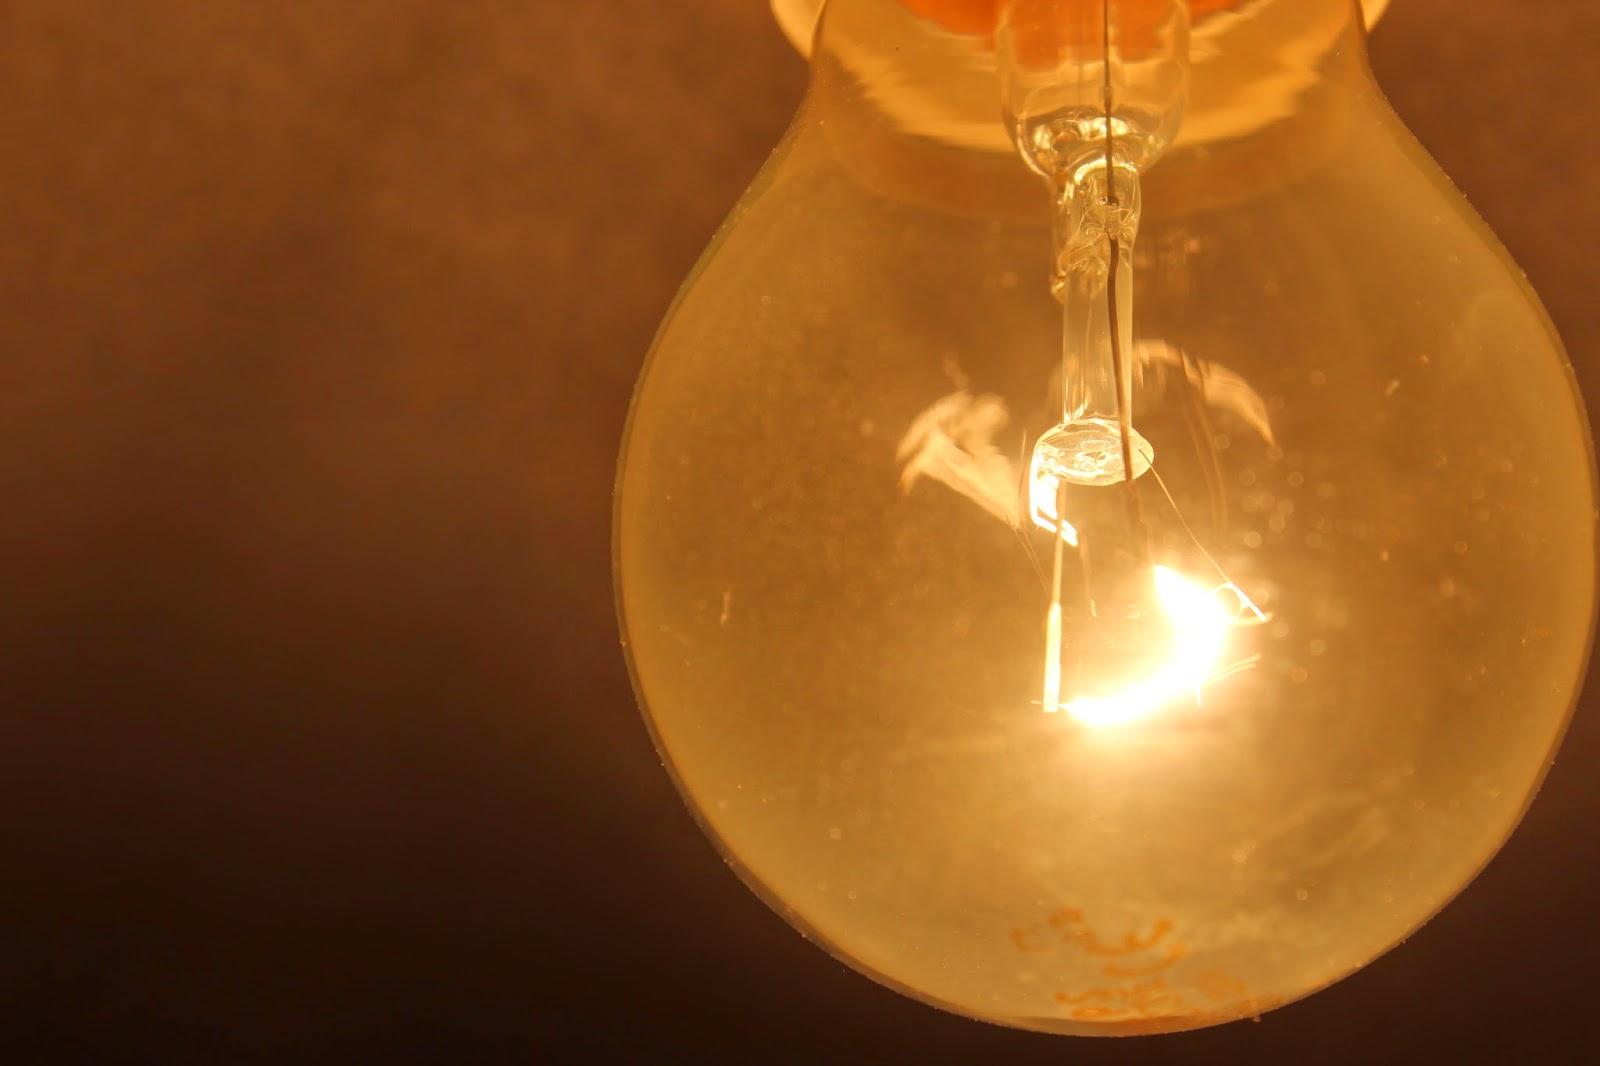 Instalaciones eléctricas residenciales - lámpara incandescente